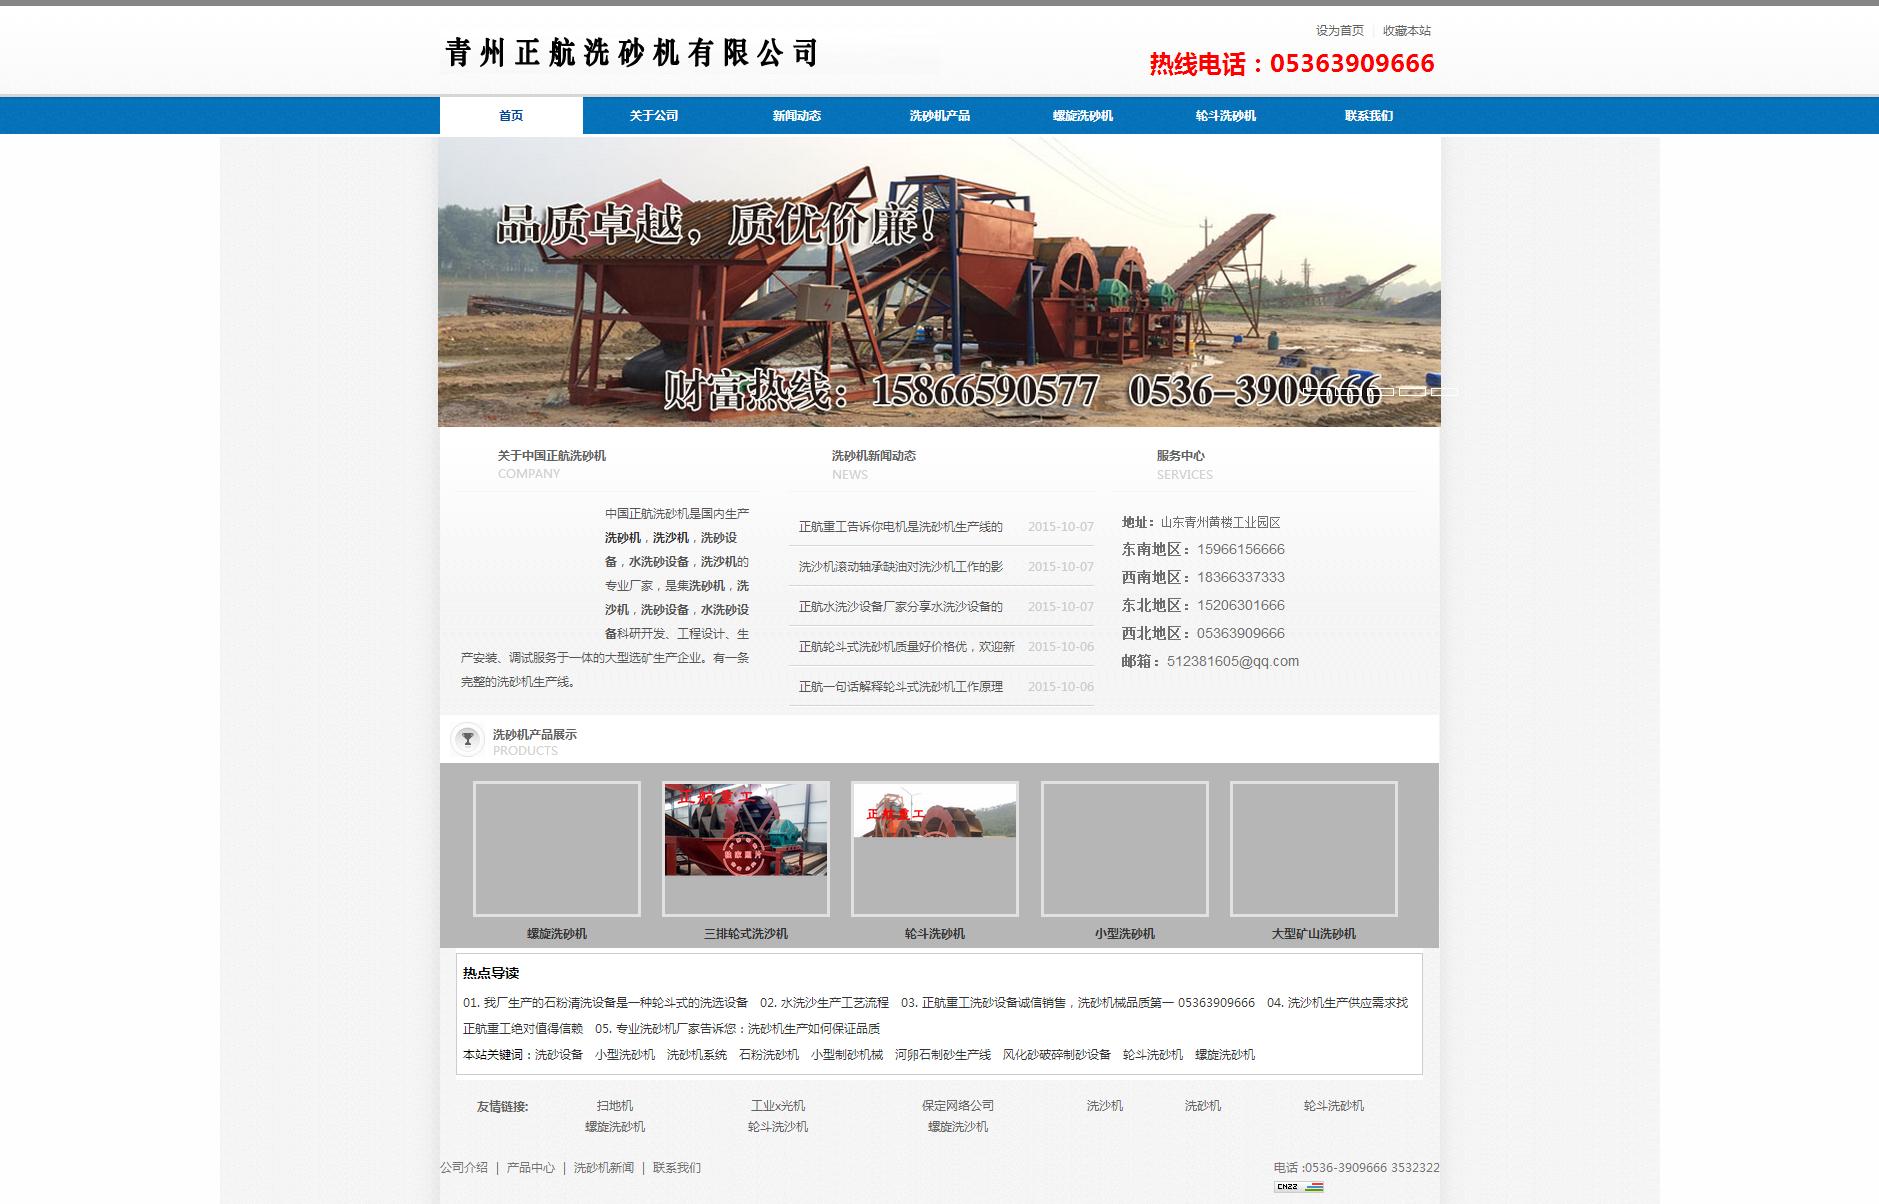 青州正航洗砂机有限公司网站优化案例